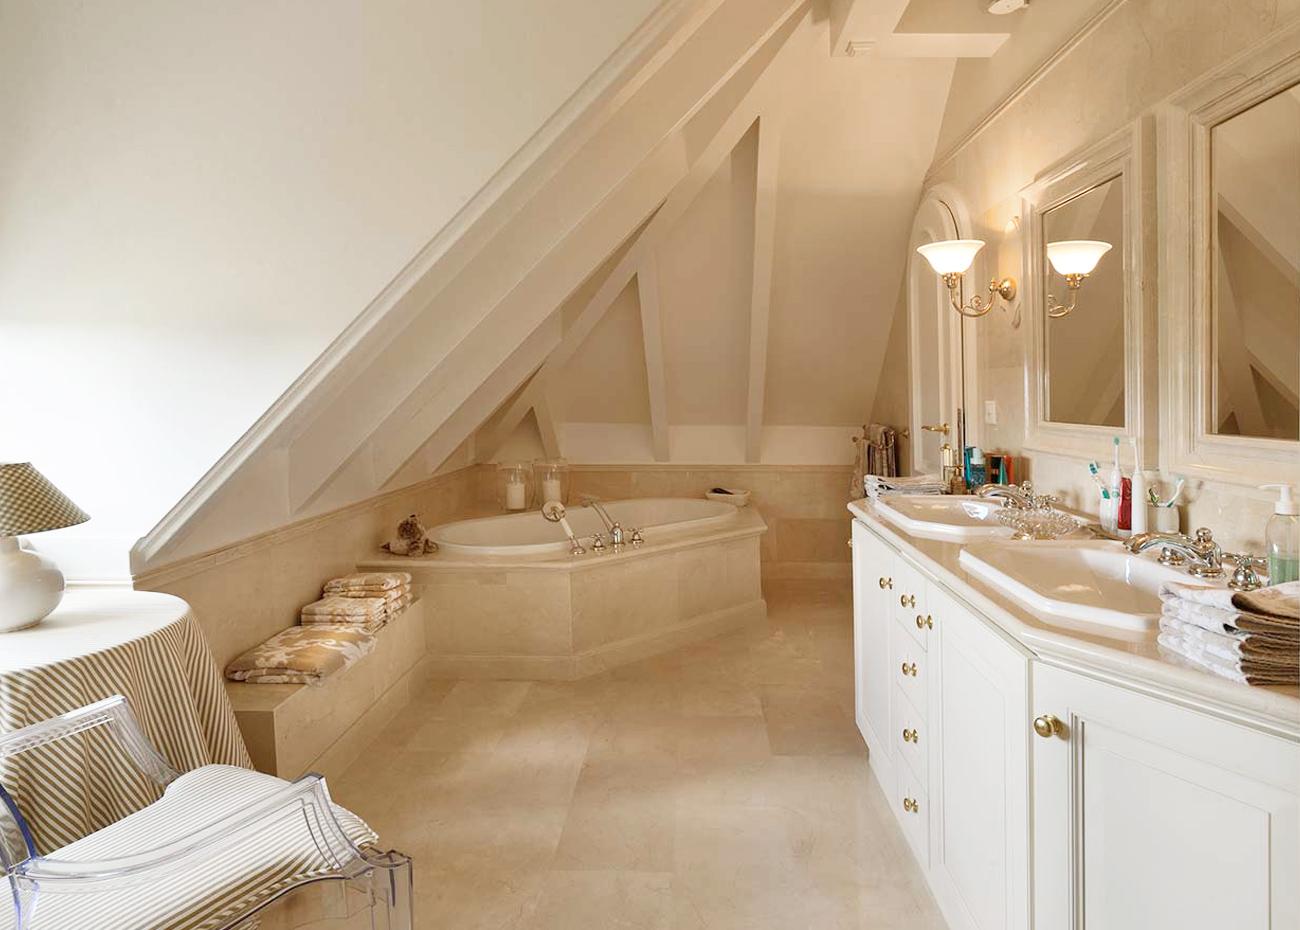 bagno-con-vasca-e-rivestimenti-marmo